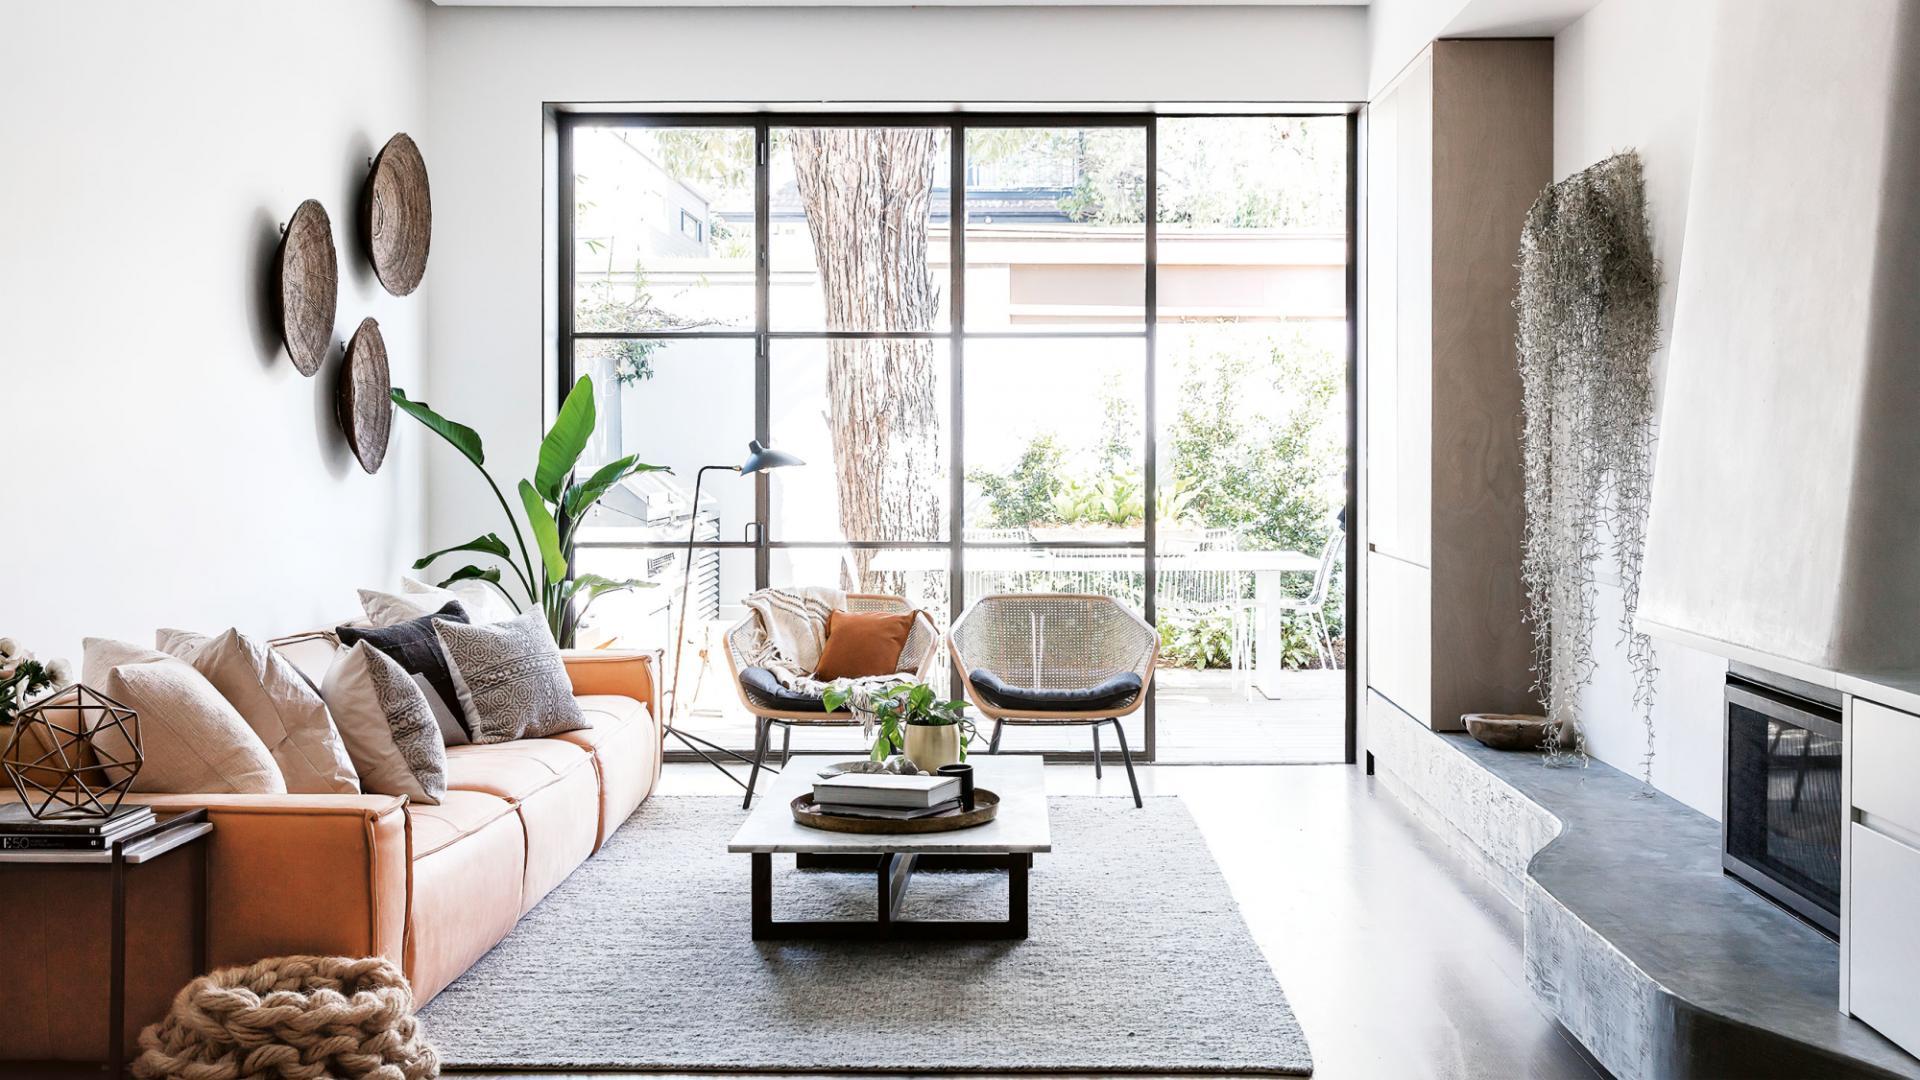 australisch-familie-interieur-woonkamer